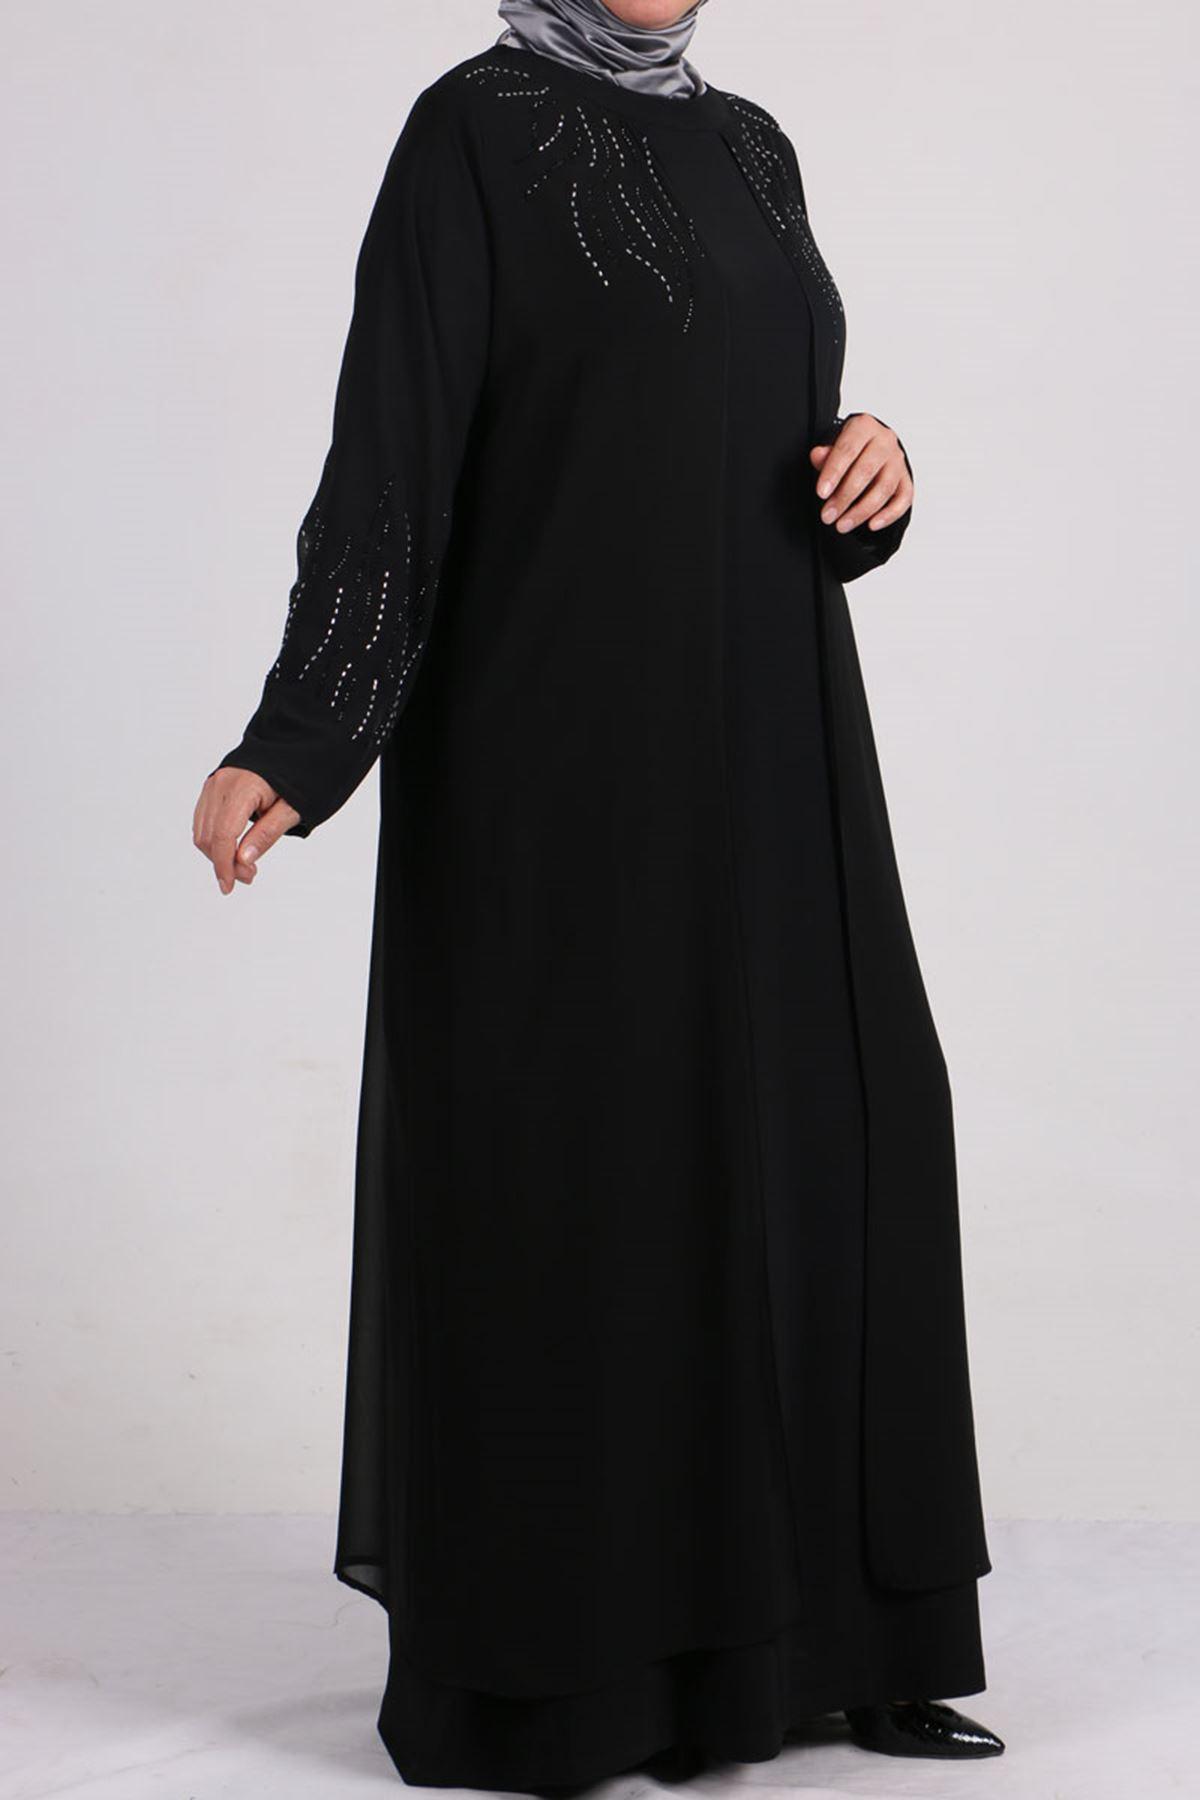 2086 Büyük Beden Sandy-Şifon Taş Baskılı Abiye Elbise - Siyah